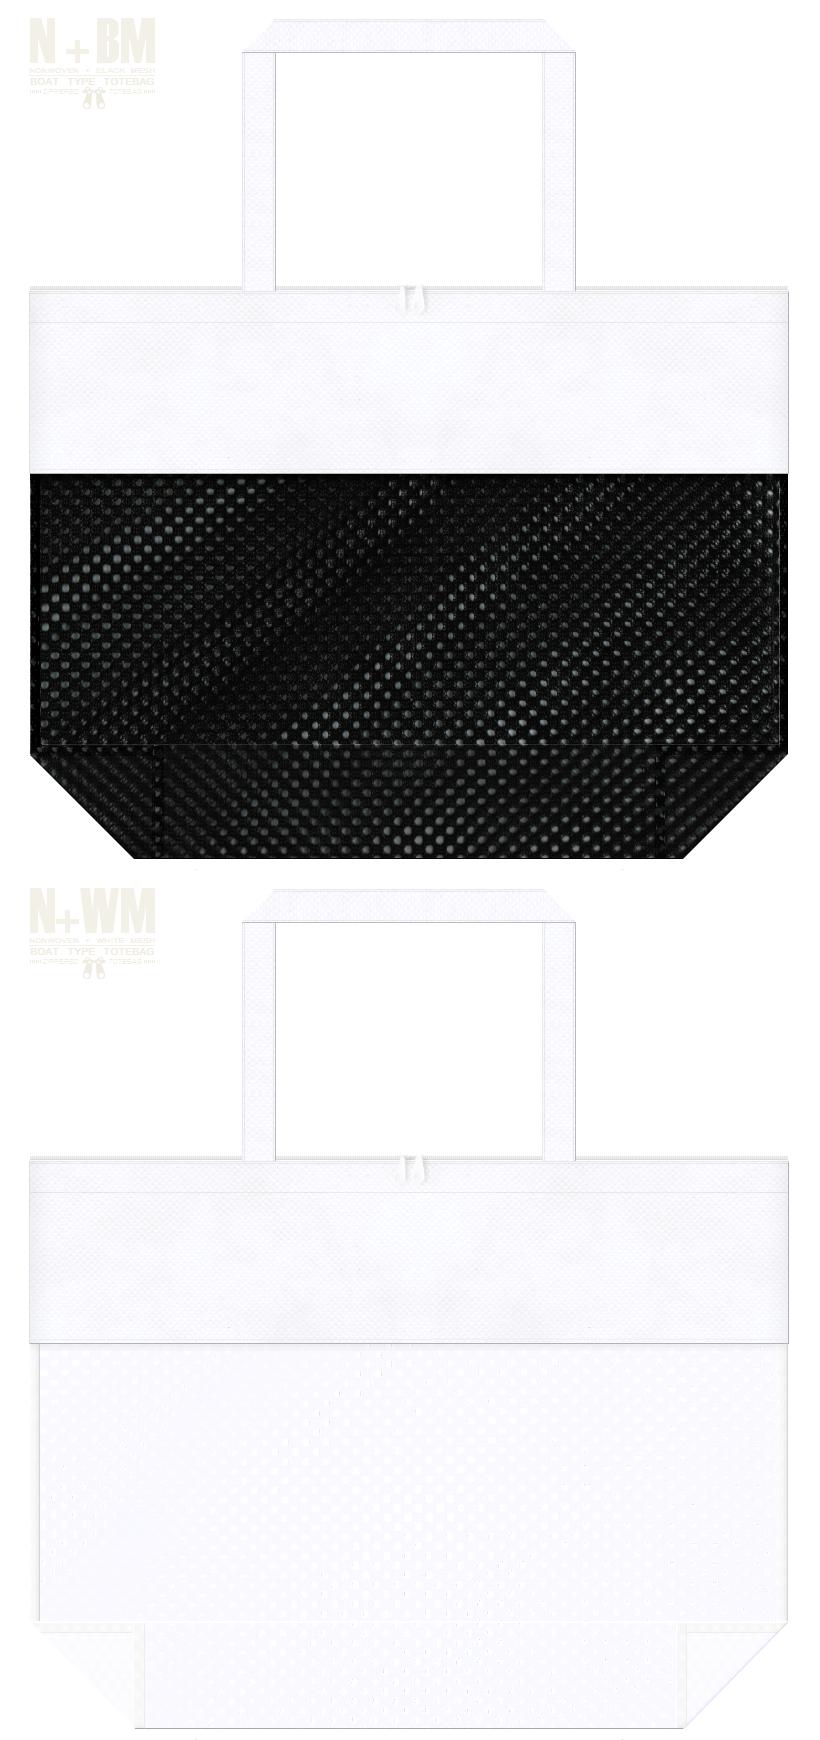 台形型メッシュバッグのカラーシミュレーション:黒色・白色メッシュと白色不織布の組み合わせ